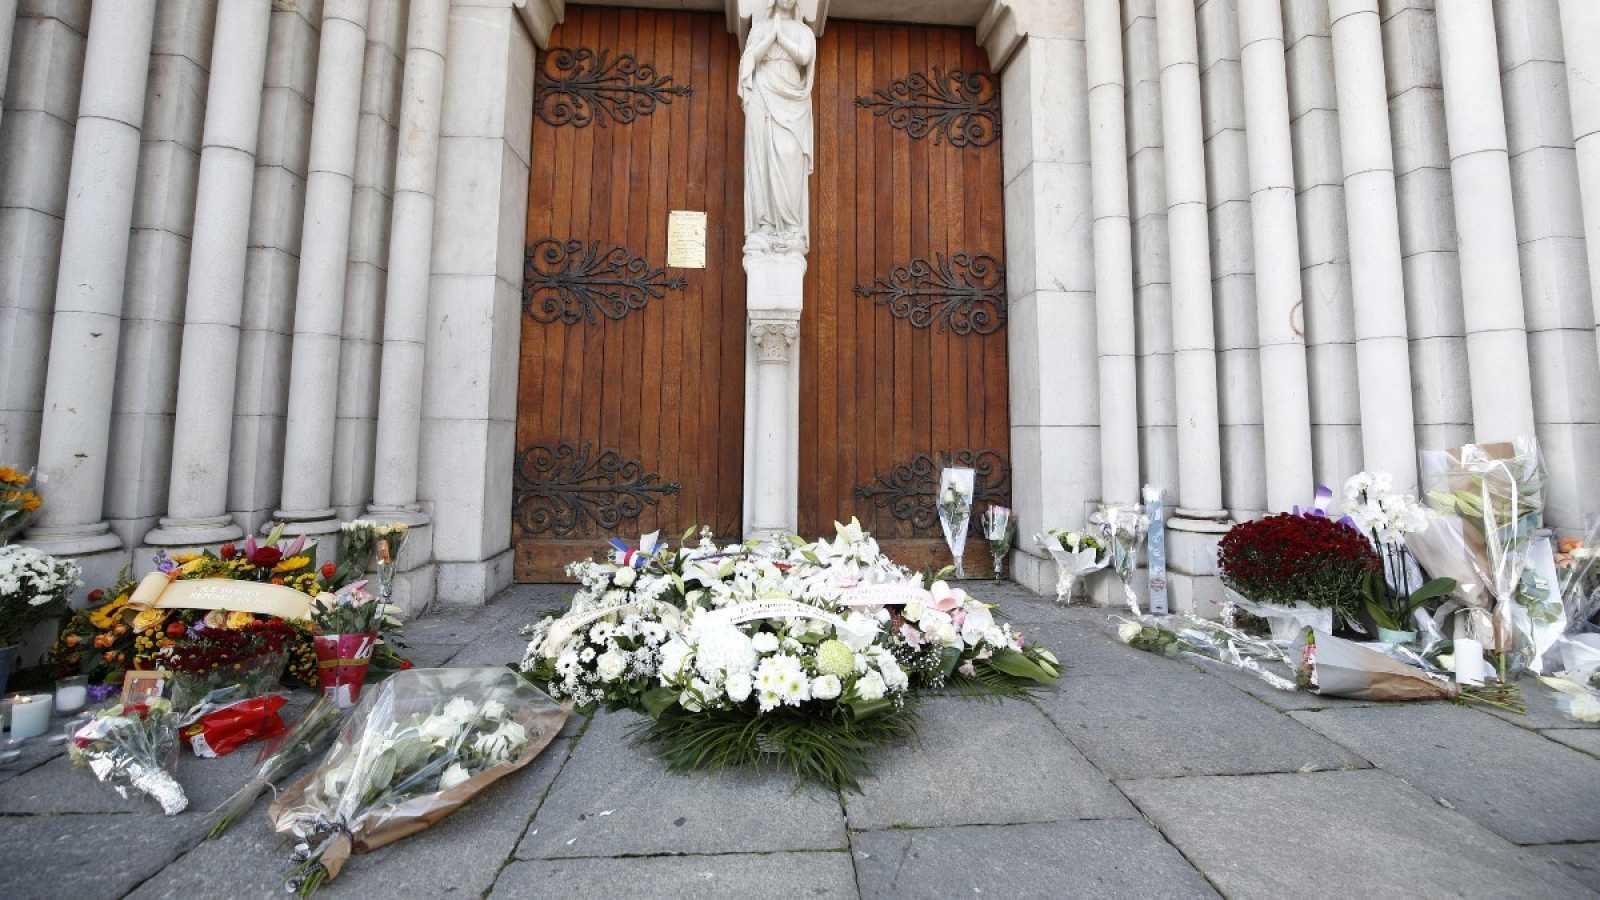 Ramos de flores frente a la Basílica de Notre Dame en Niza, donde se produjo el ataque terrorista.